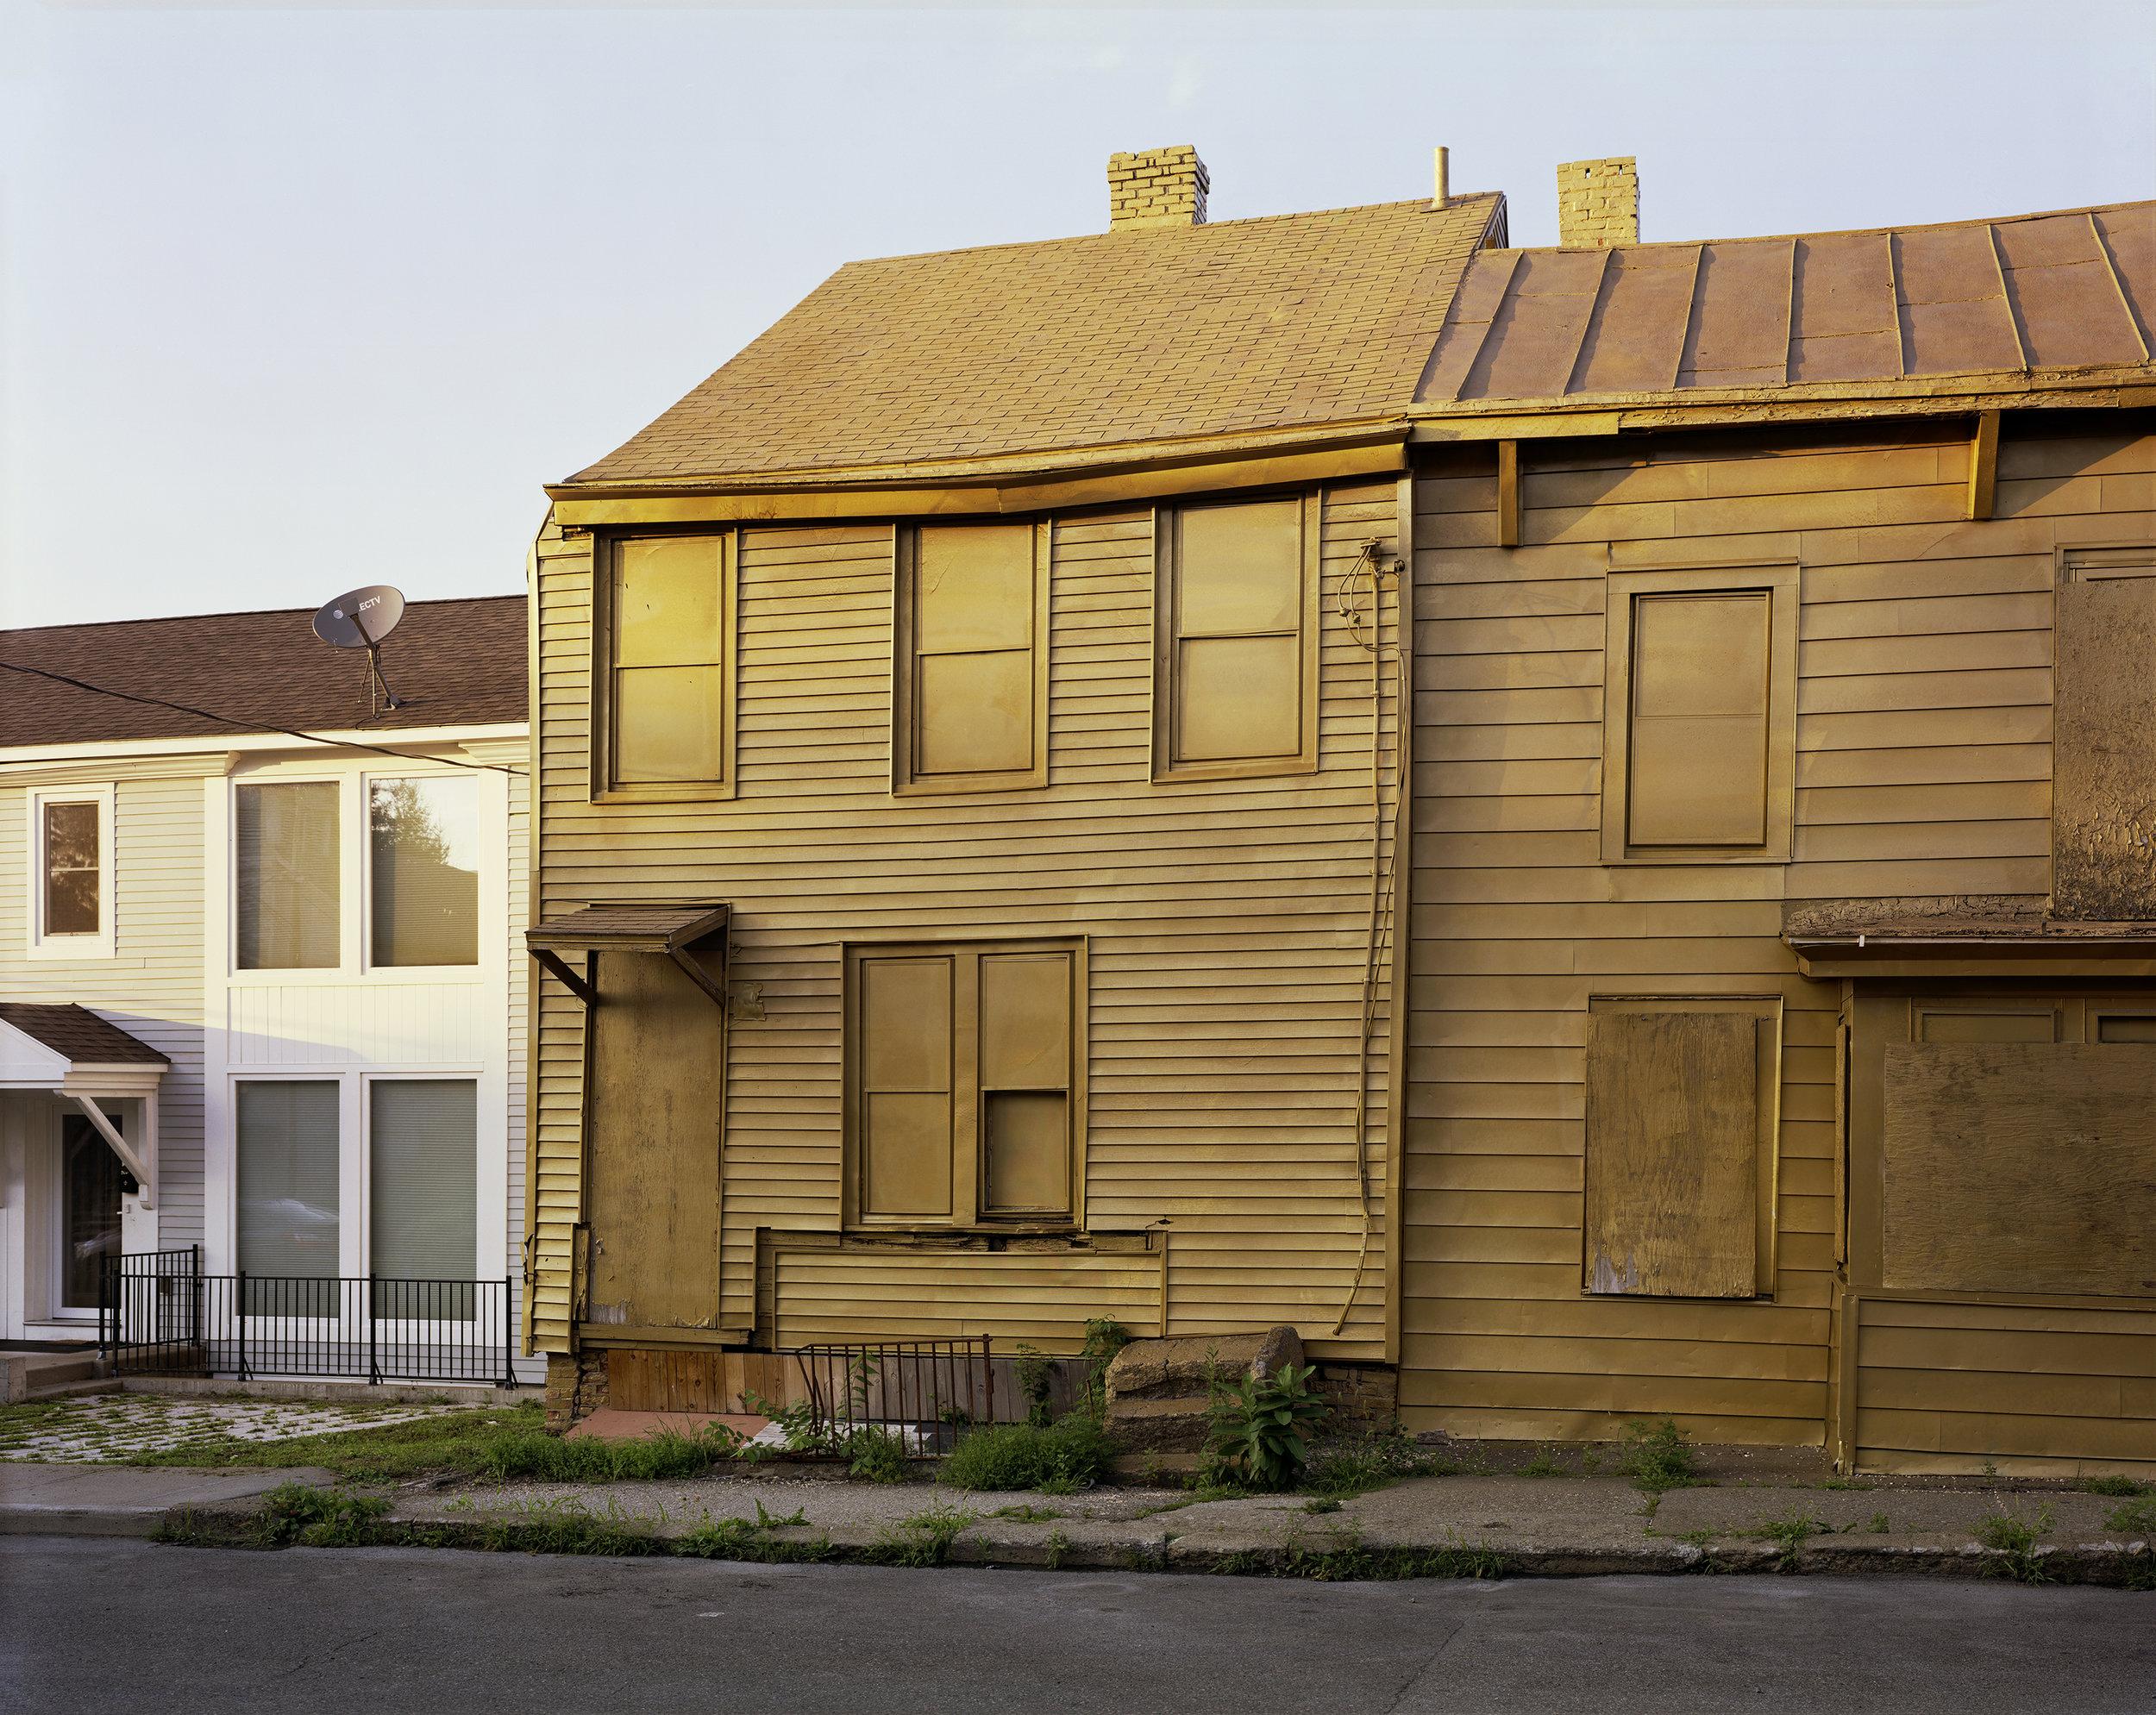 Golden Houses copy.jpg